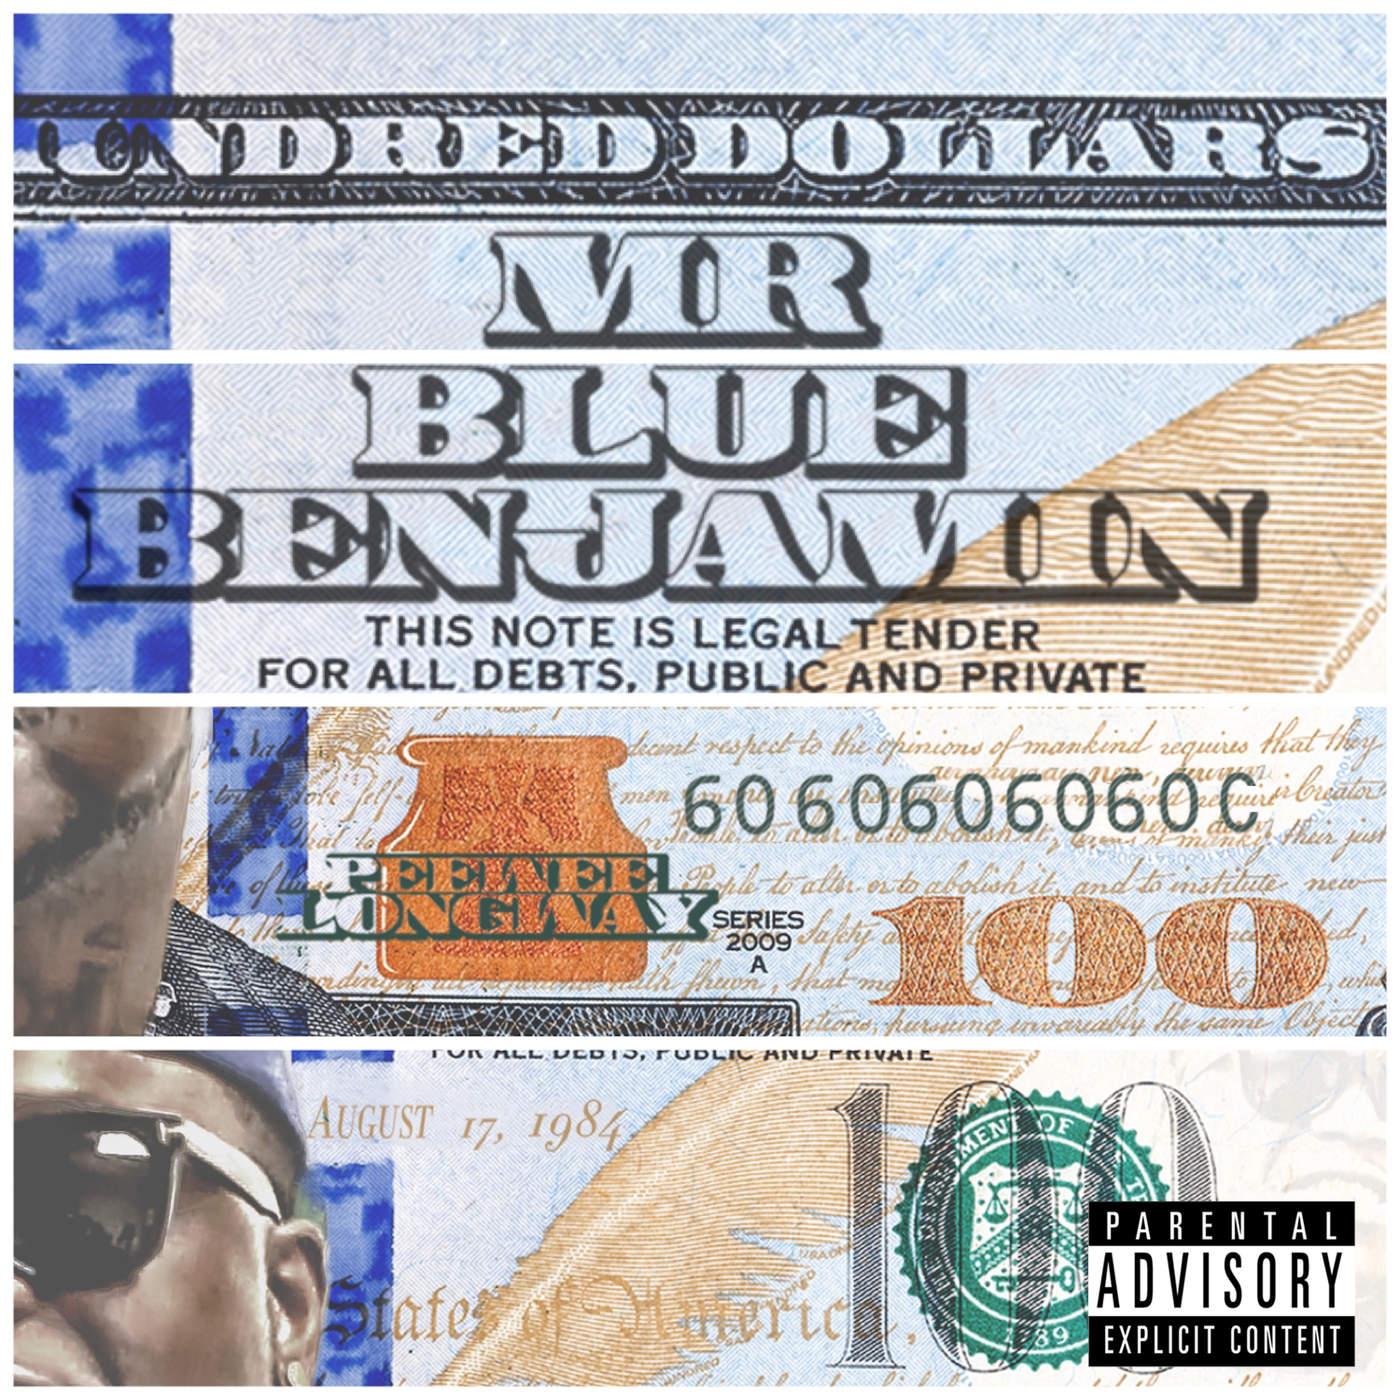 Peewee Longway - Mr. Blue Benjamin Cover